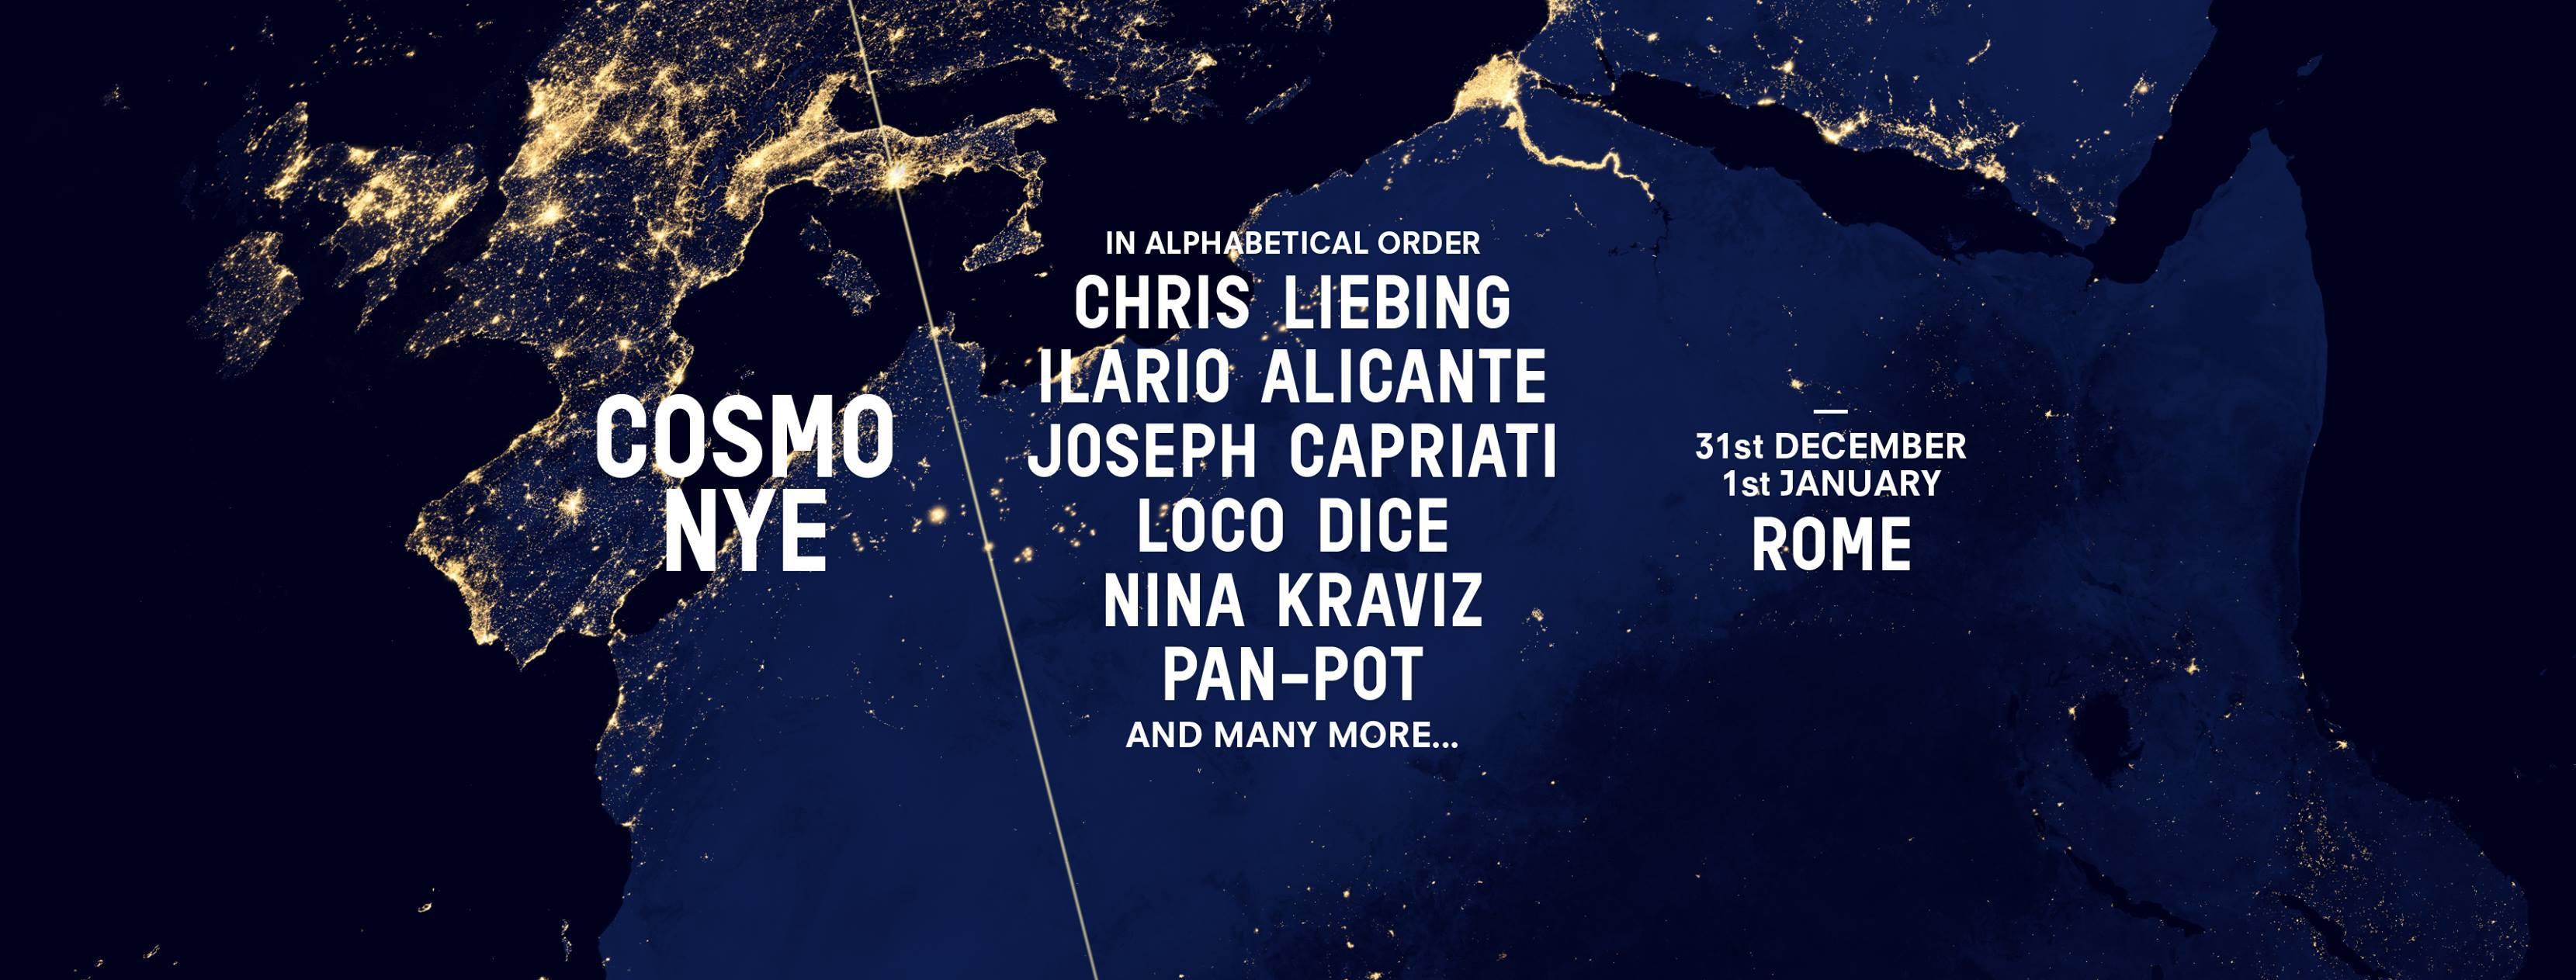 Capodanno Roma COSMO NYE - 1 ticket 4 location